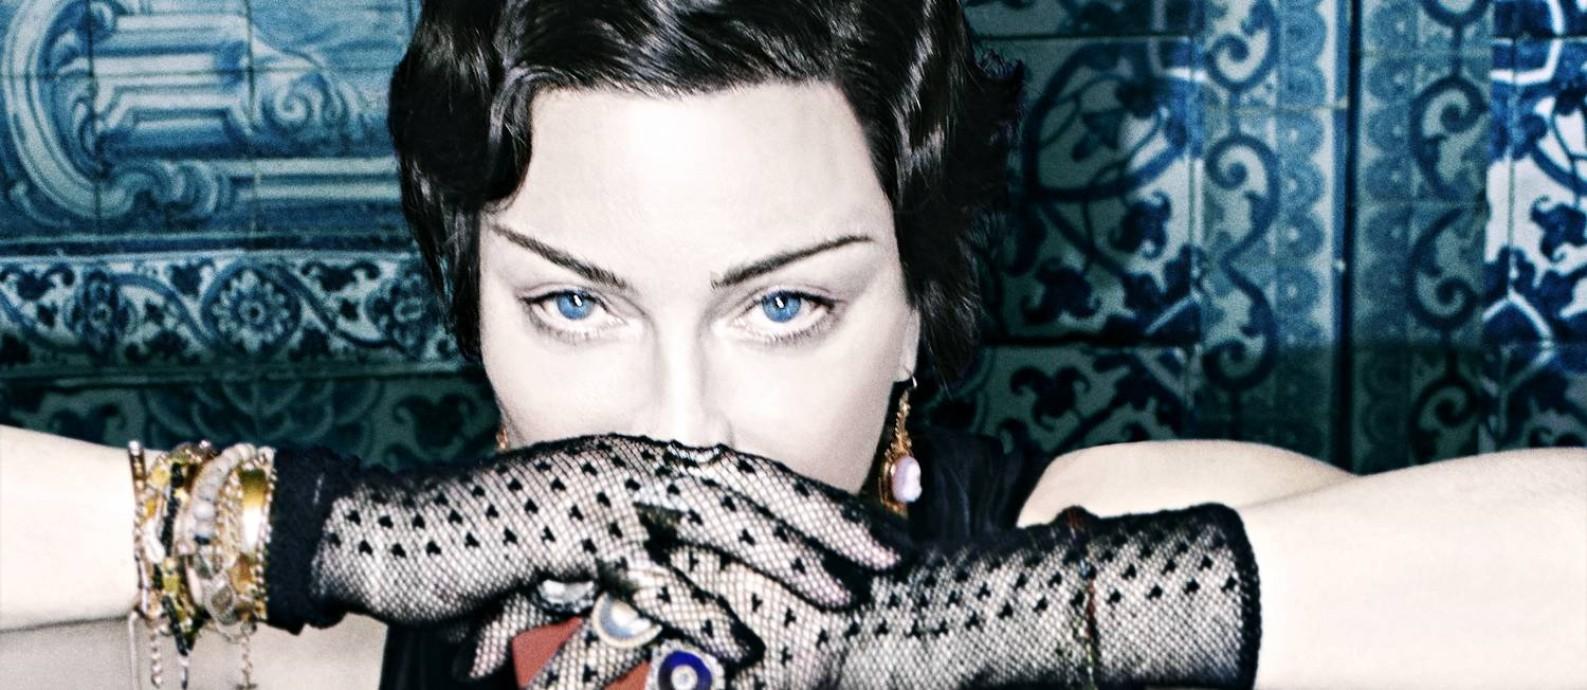 A cantora Madonna, que lança seu 14° álbum, 'Madame X' Foto: Divulgação